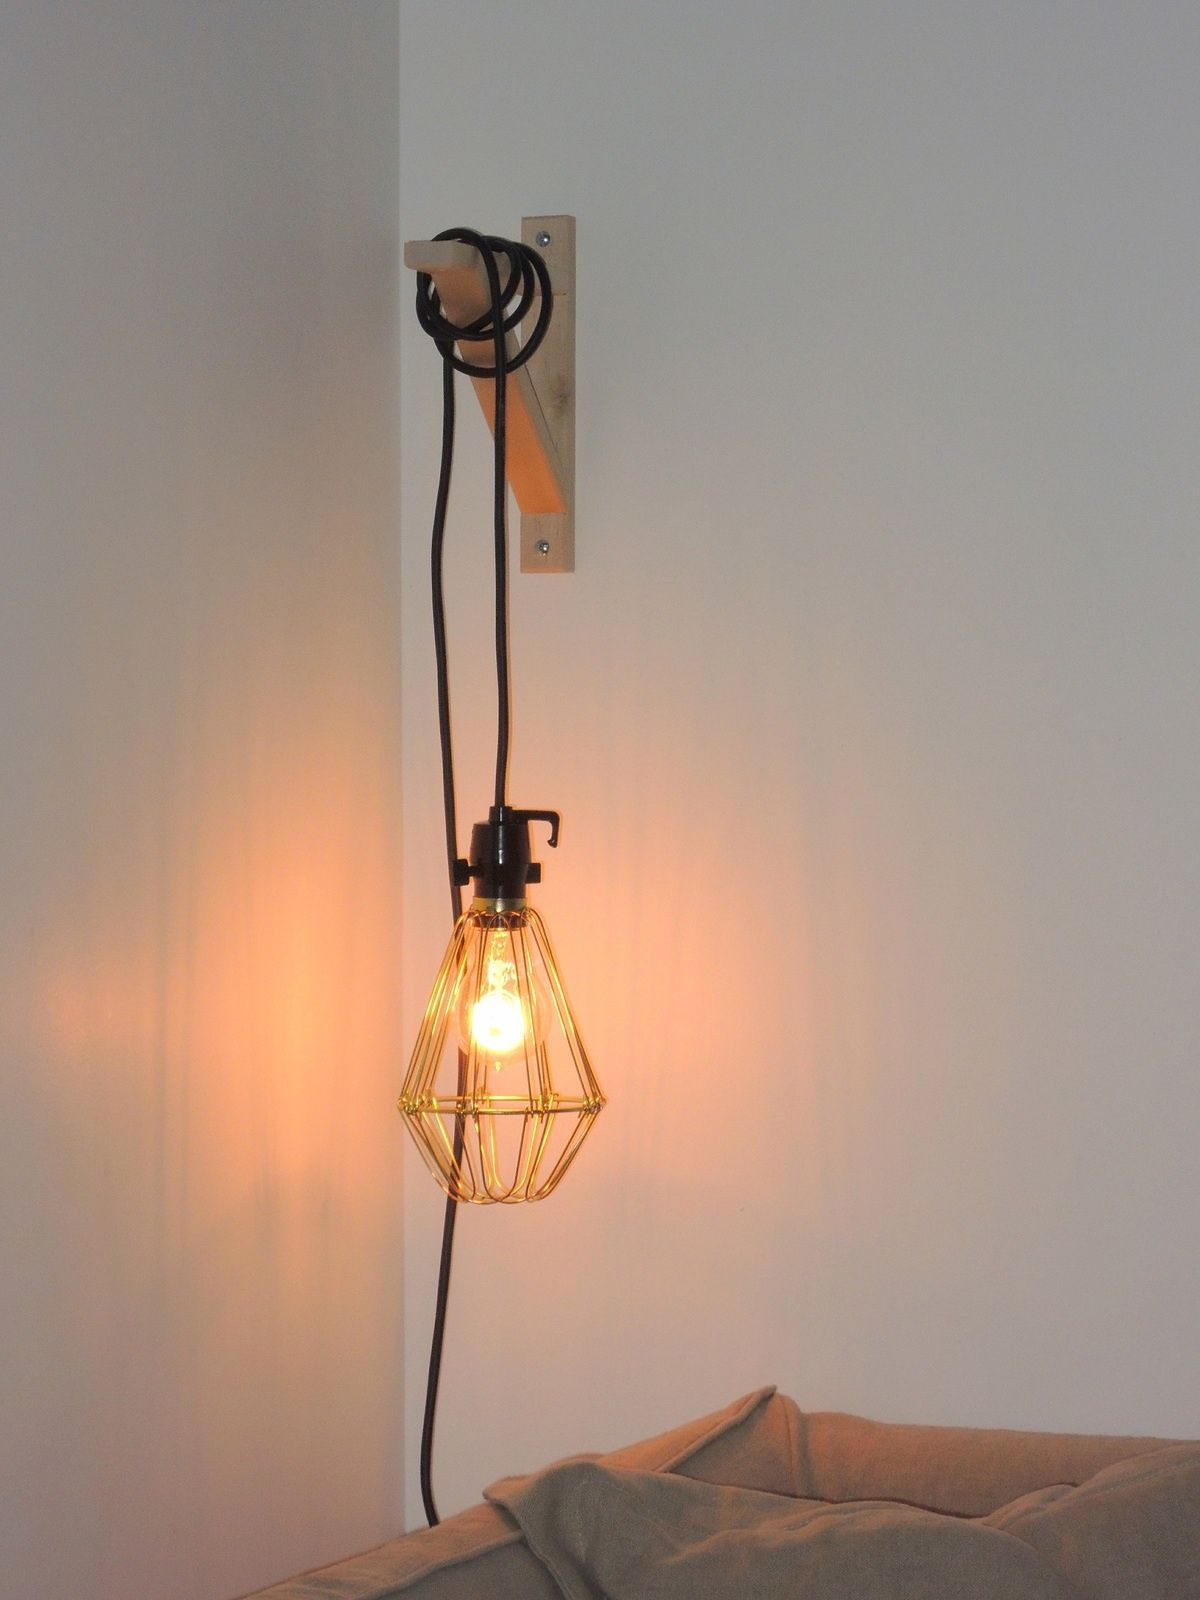 Balladeuse Merci 19 90 Equerre Ikea 4 Ampoule A